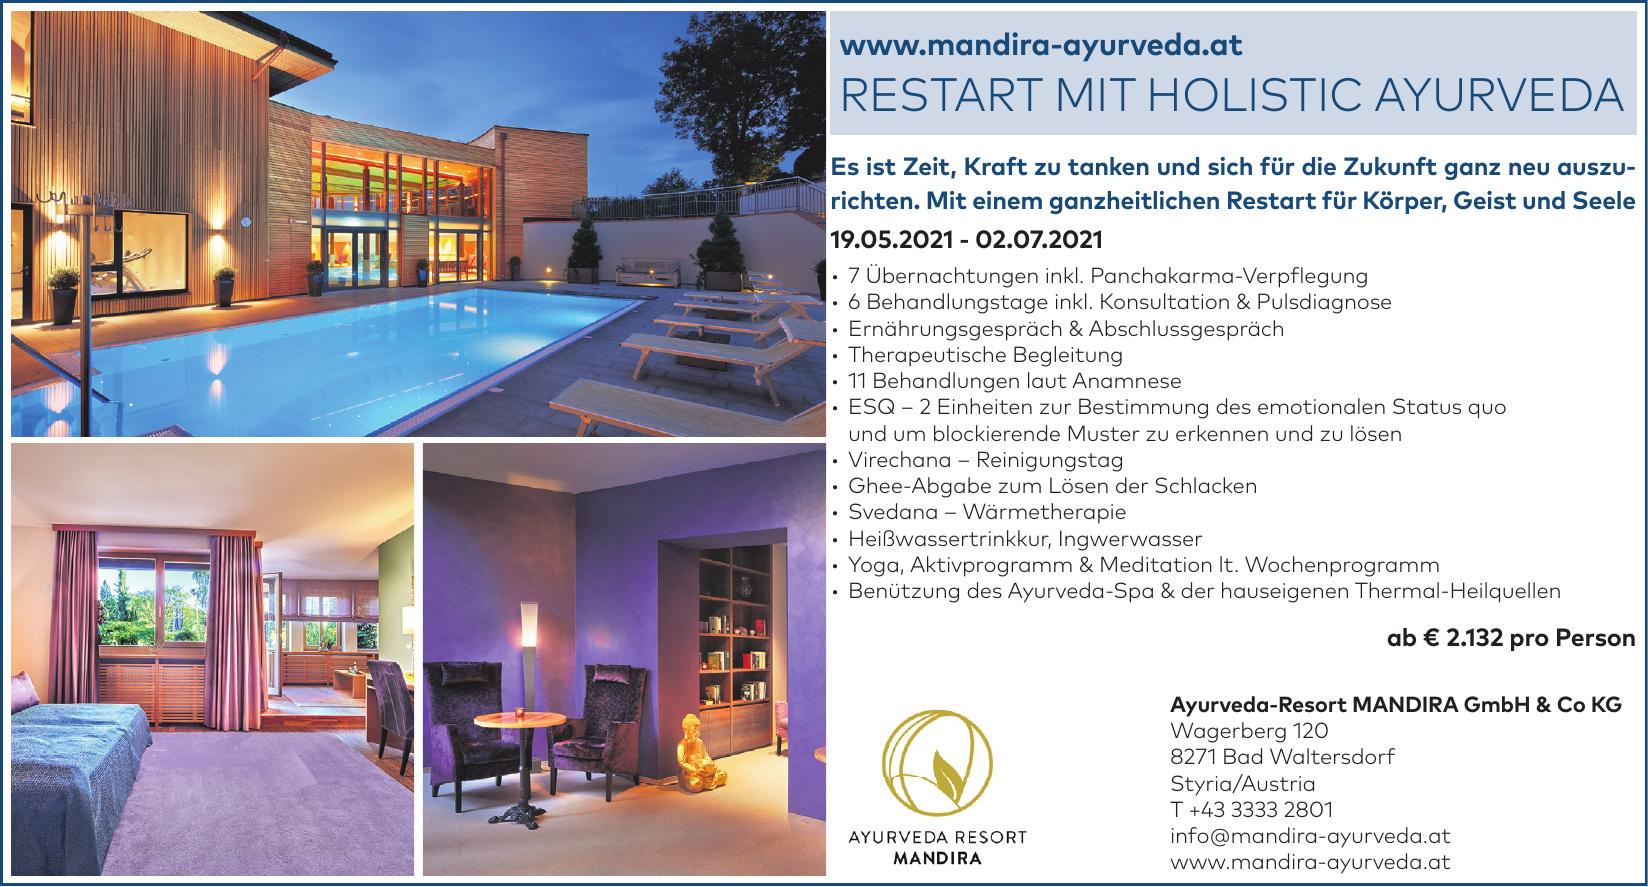 Ayurveda-Resort MANDIRA GmbH & Co KG